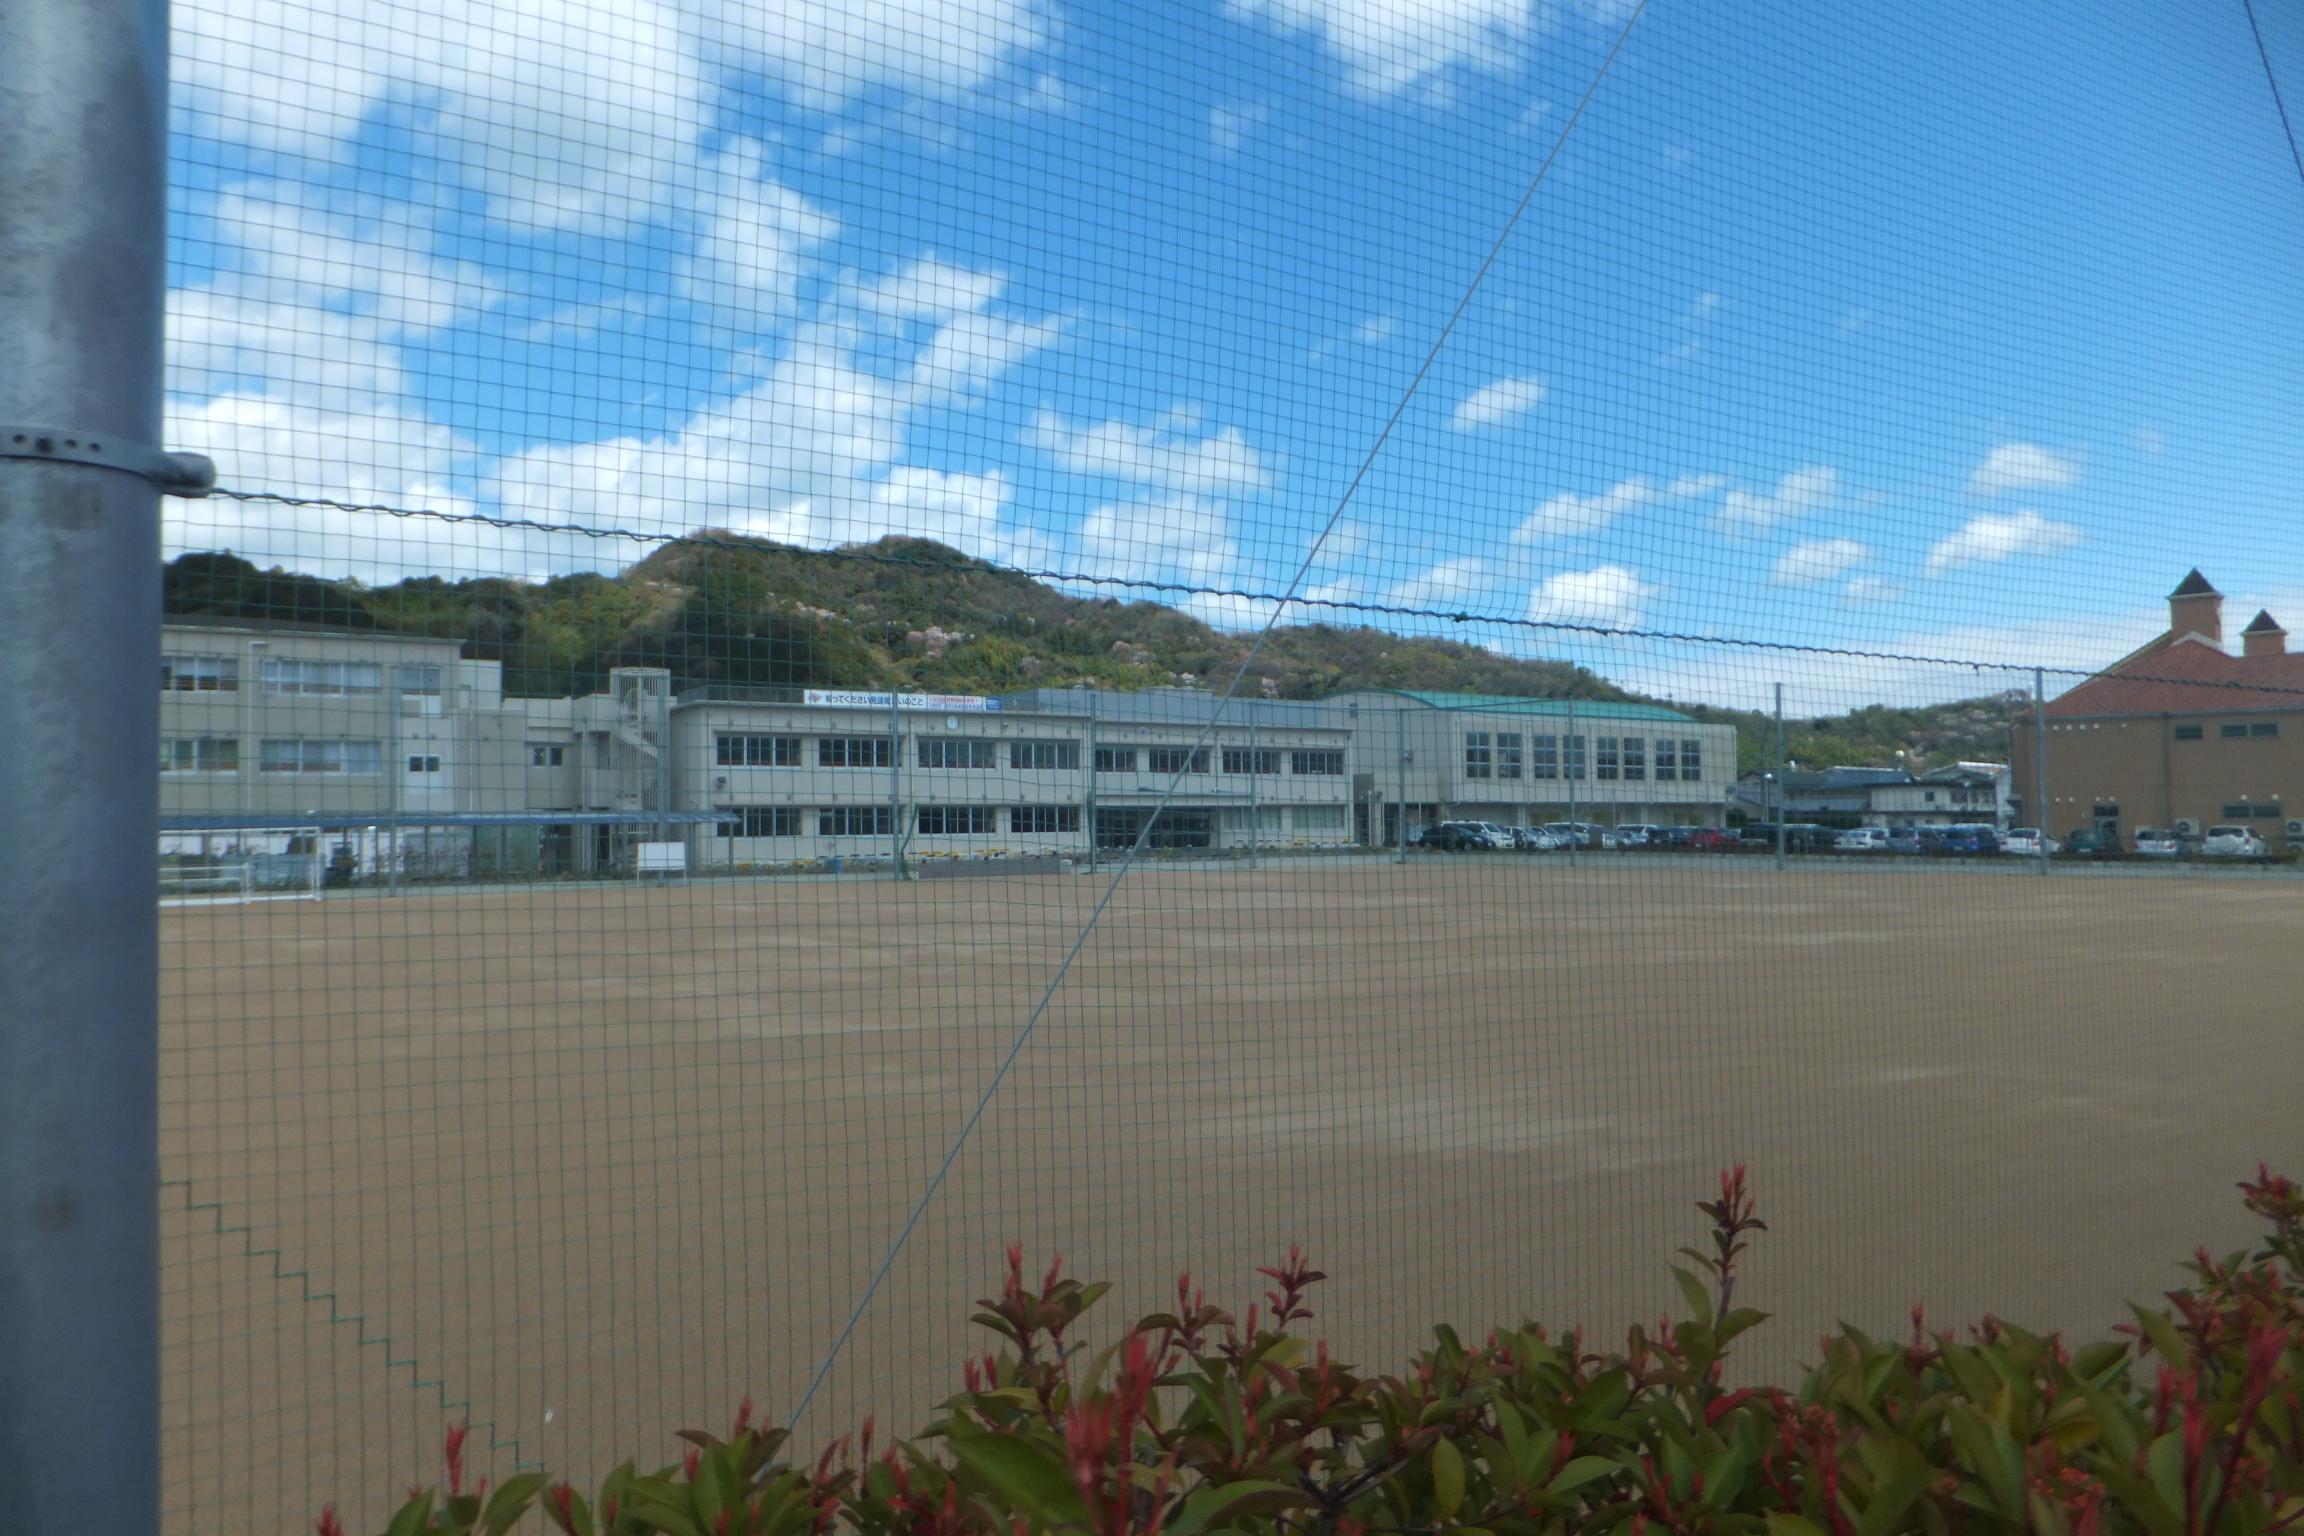 みなと 高等 学園 徳島県立みなと高等学園